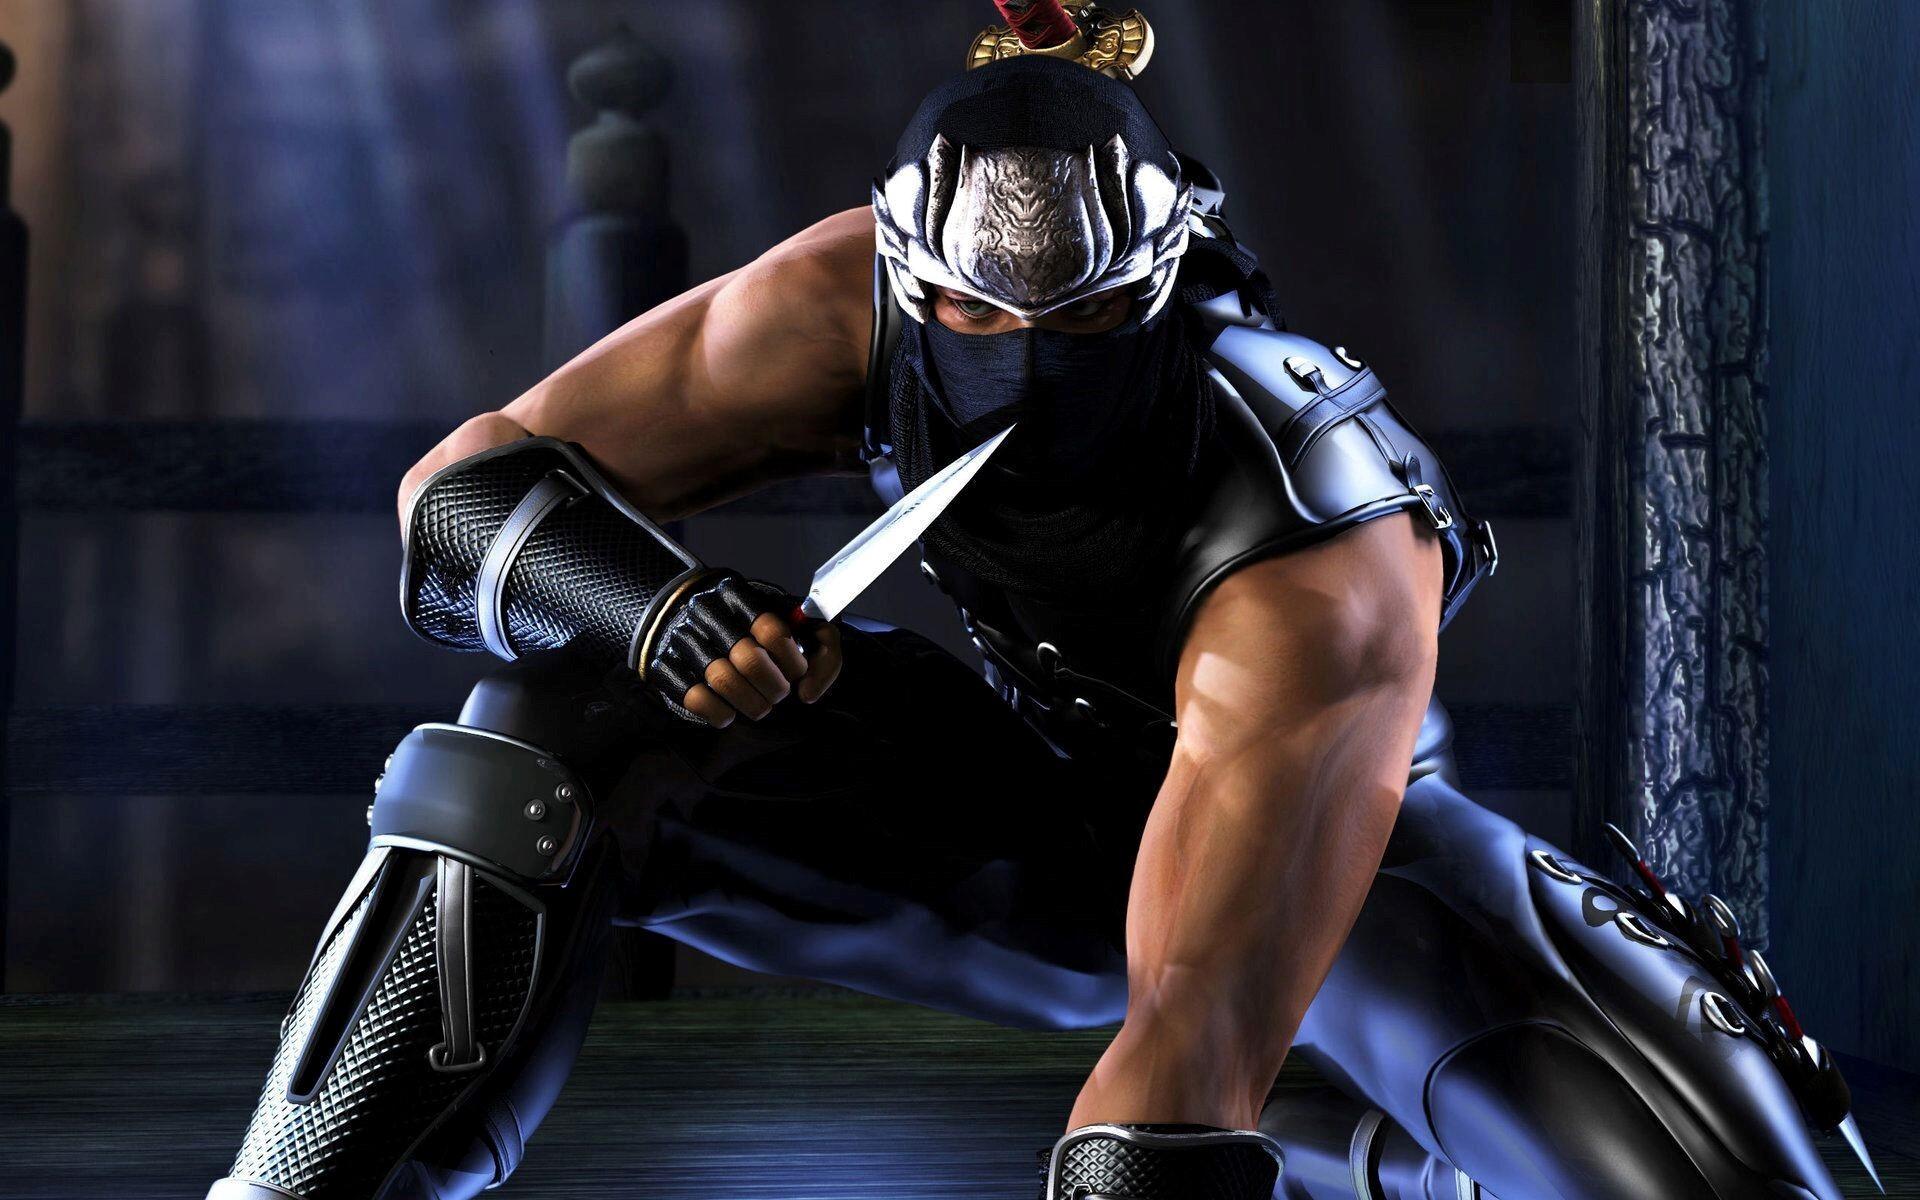 Ninja Gaiden 3 Game Wallpaper Hd Wallpapers